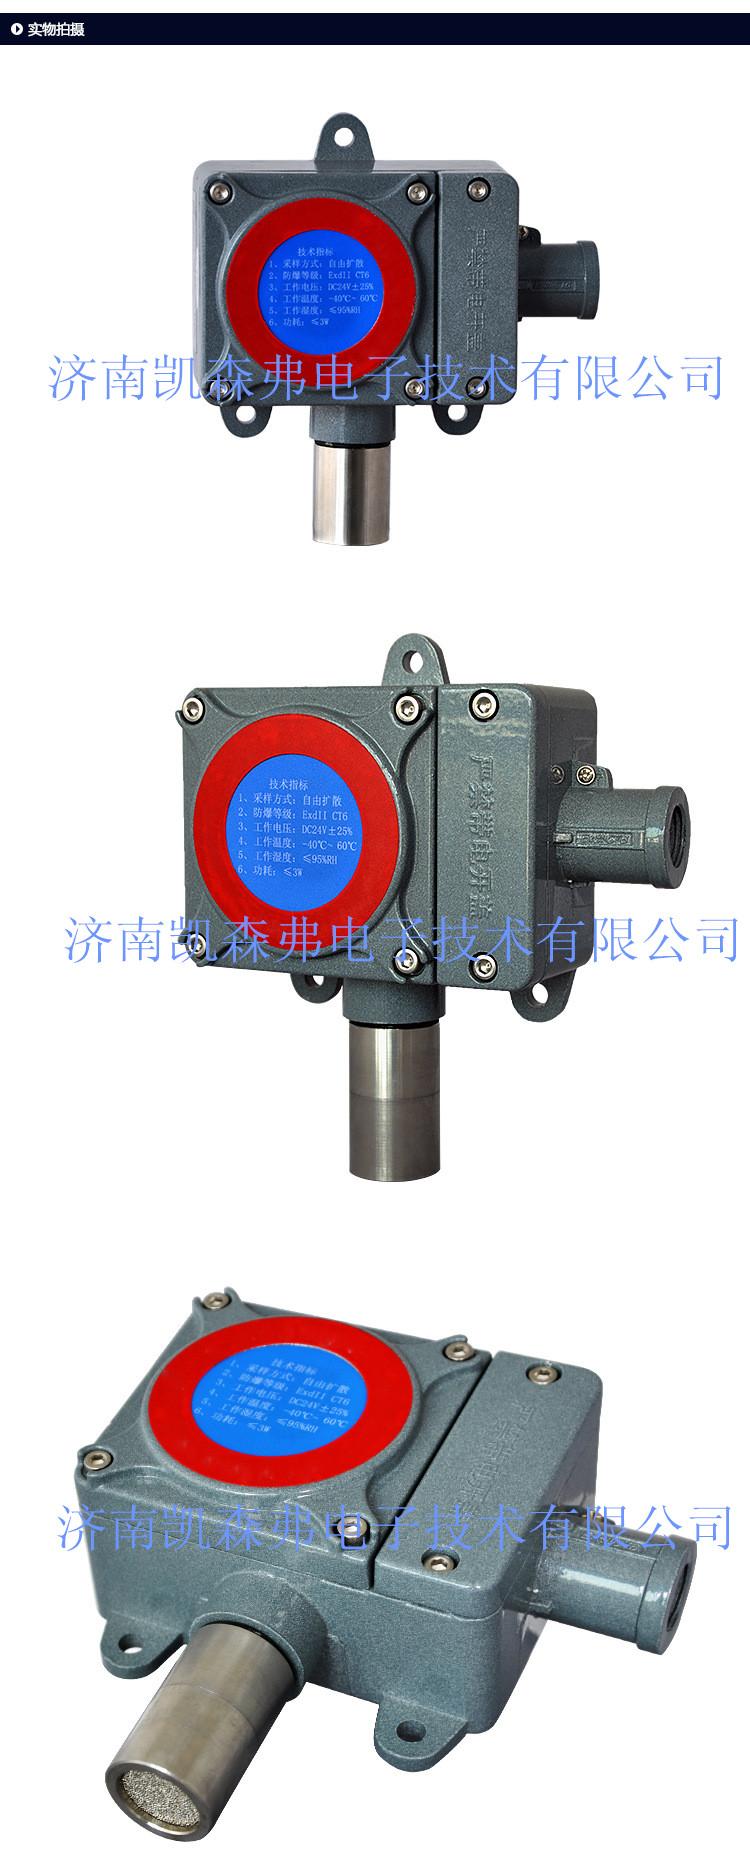 0mm2 ◆ 接线方式:三线制 ◆ 测量精度:±5%f.